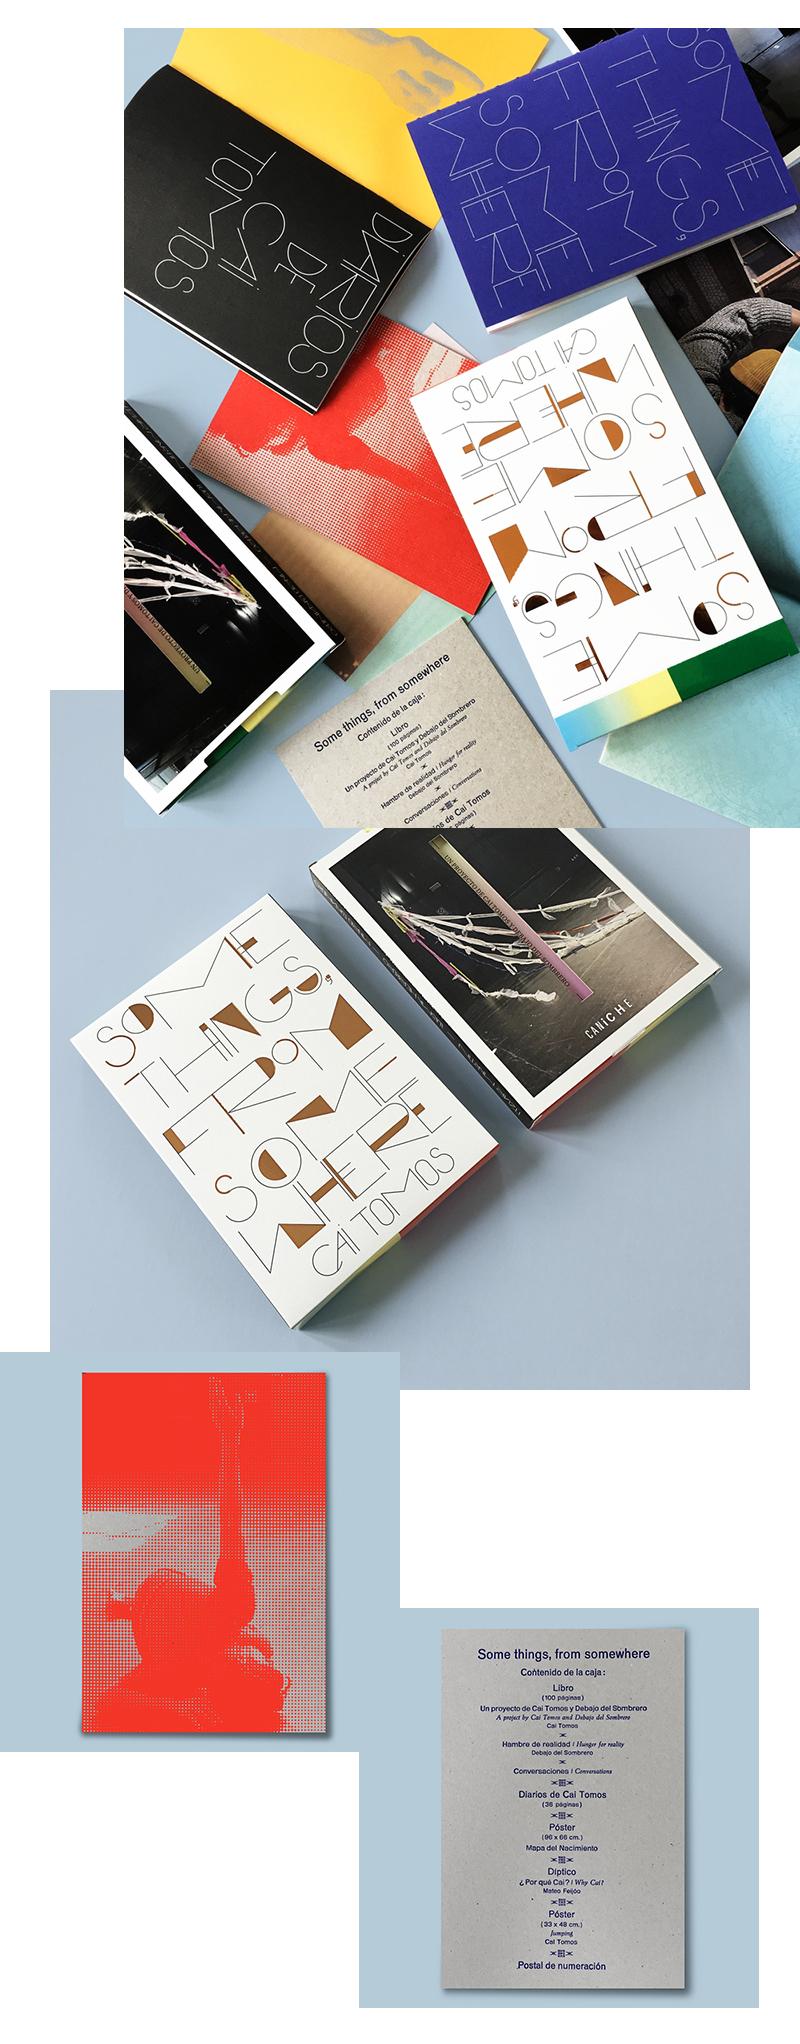 Caniche editorial libros